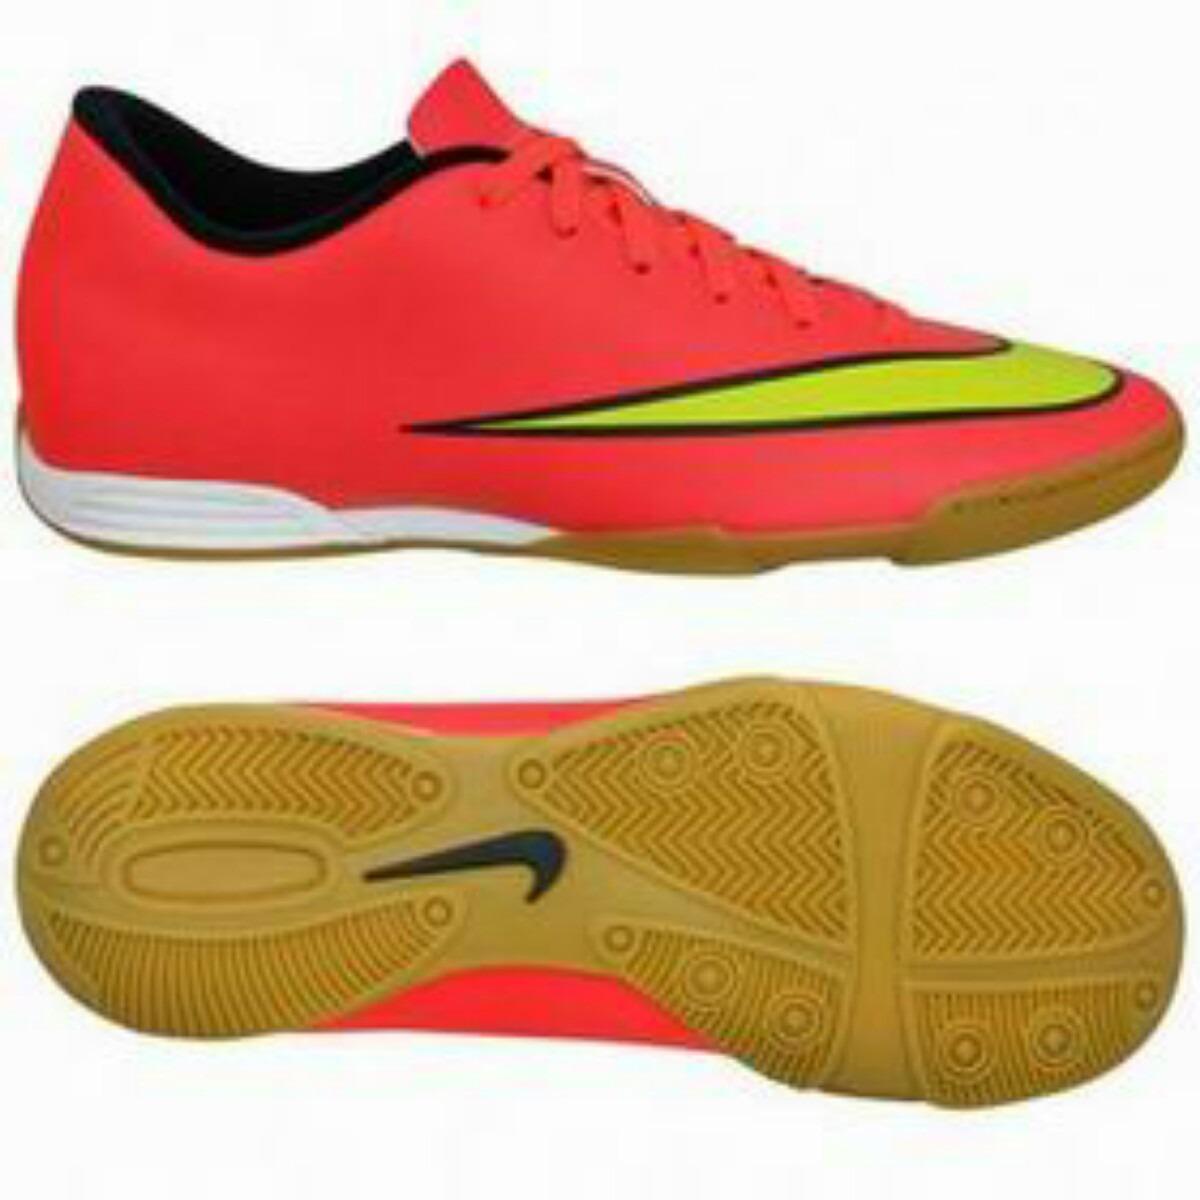 Nike Tacos 22 1 2 Taquete Hypervenom Tachones Frapido -   999.00 en ... 501d009fe18a9